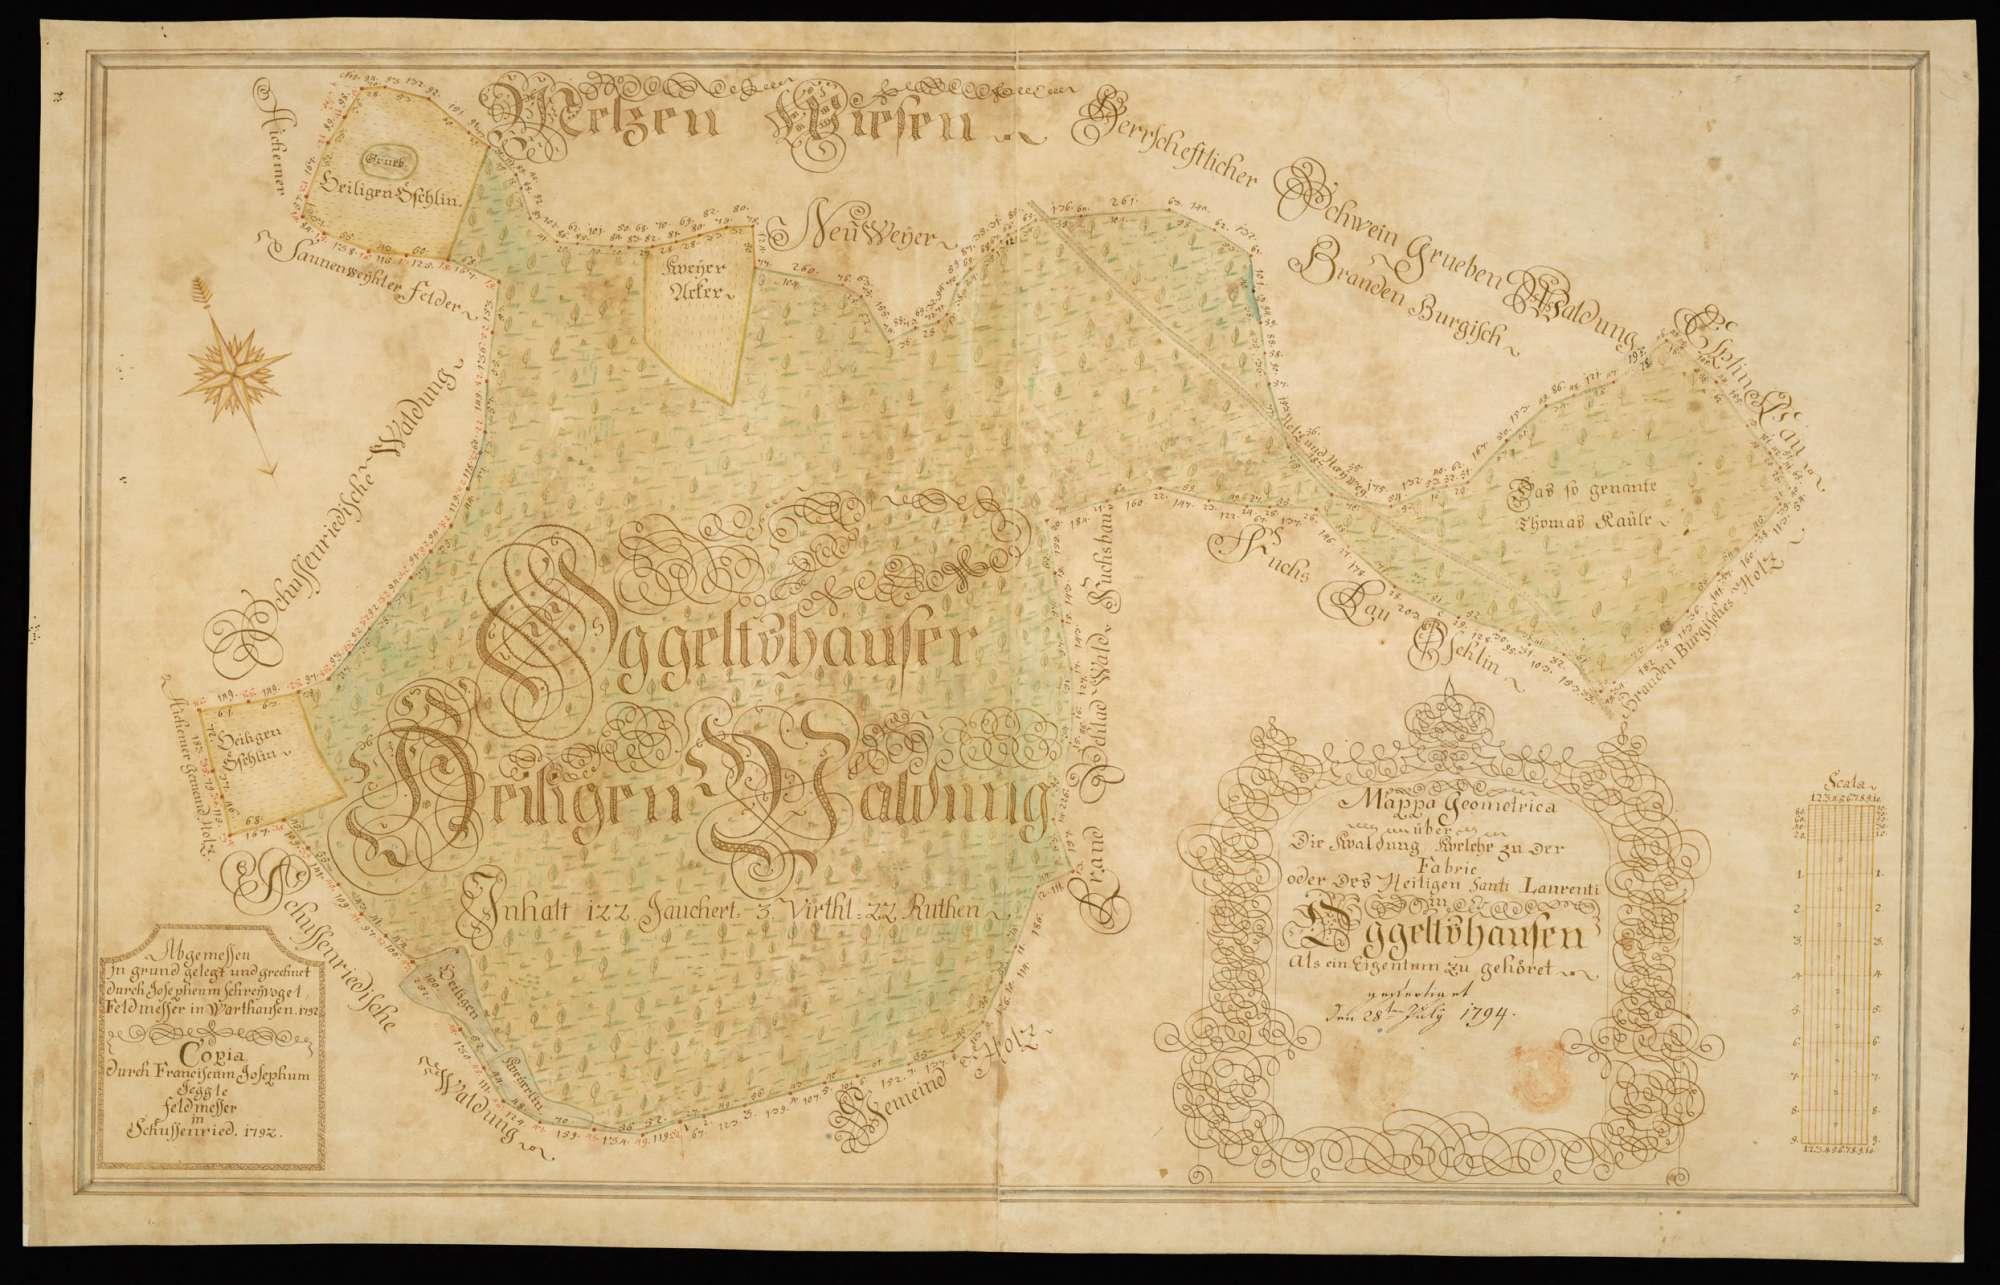 """Oggelshausen """"Mappa Geometrica über die Waldung, welche zu der Fabric oder des Heiligen Santi Laurenti in Oggelshausen als ein Eigentum zugehöret""""., Bild 2"""